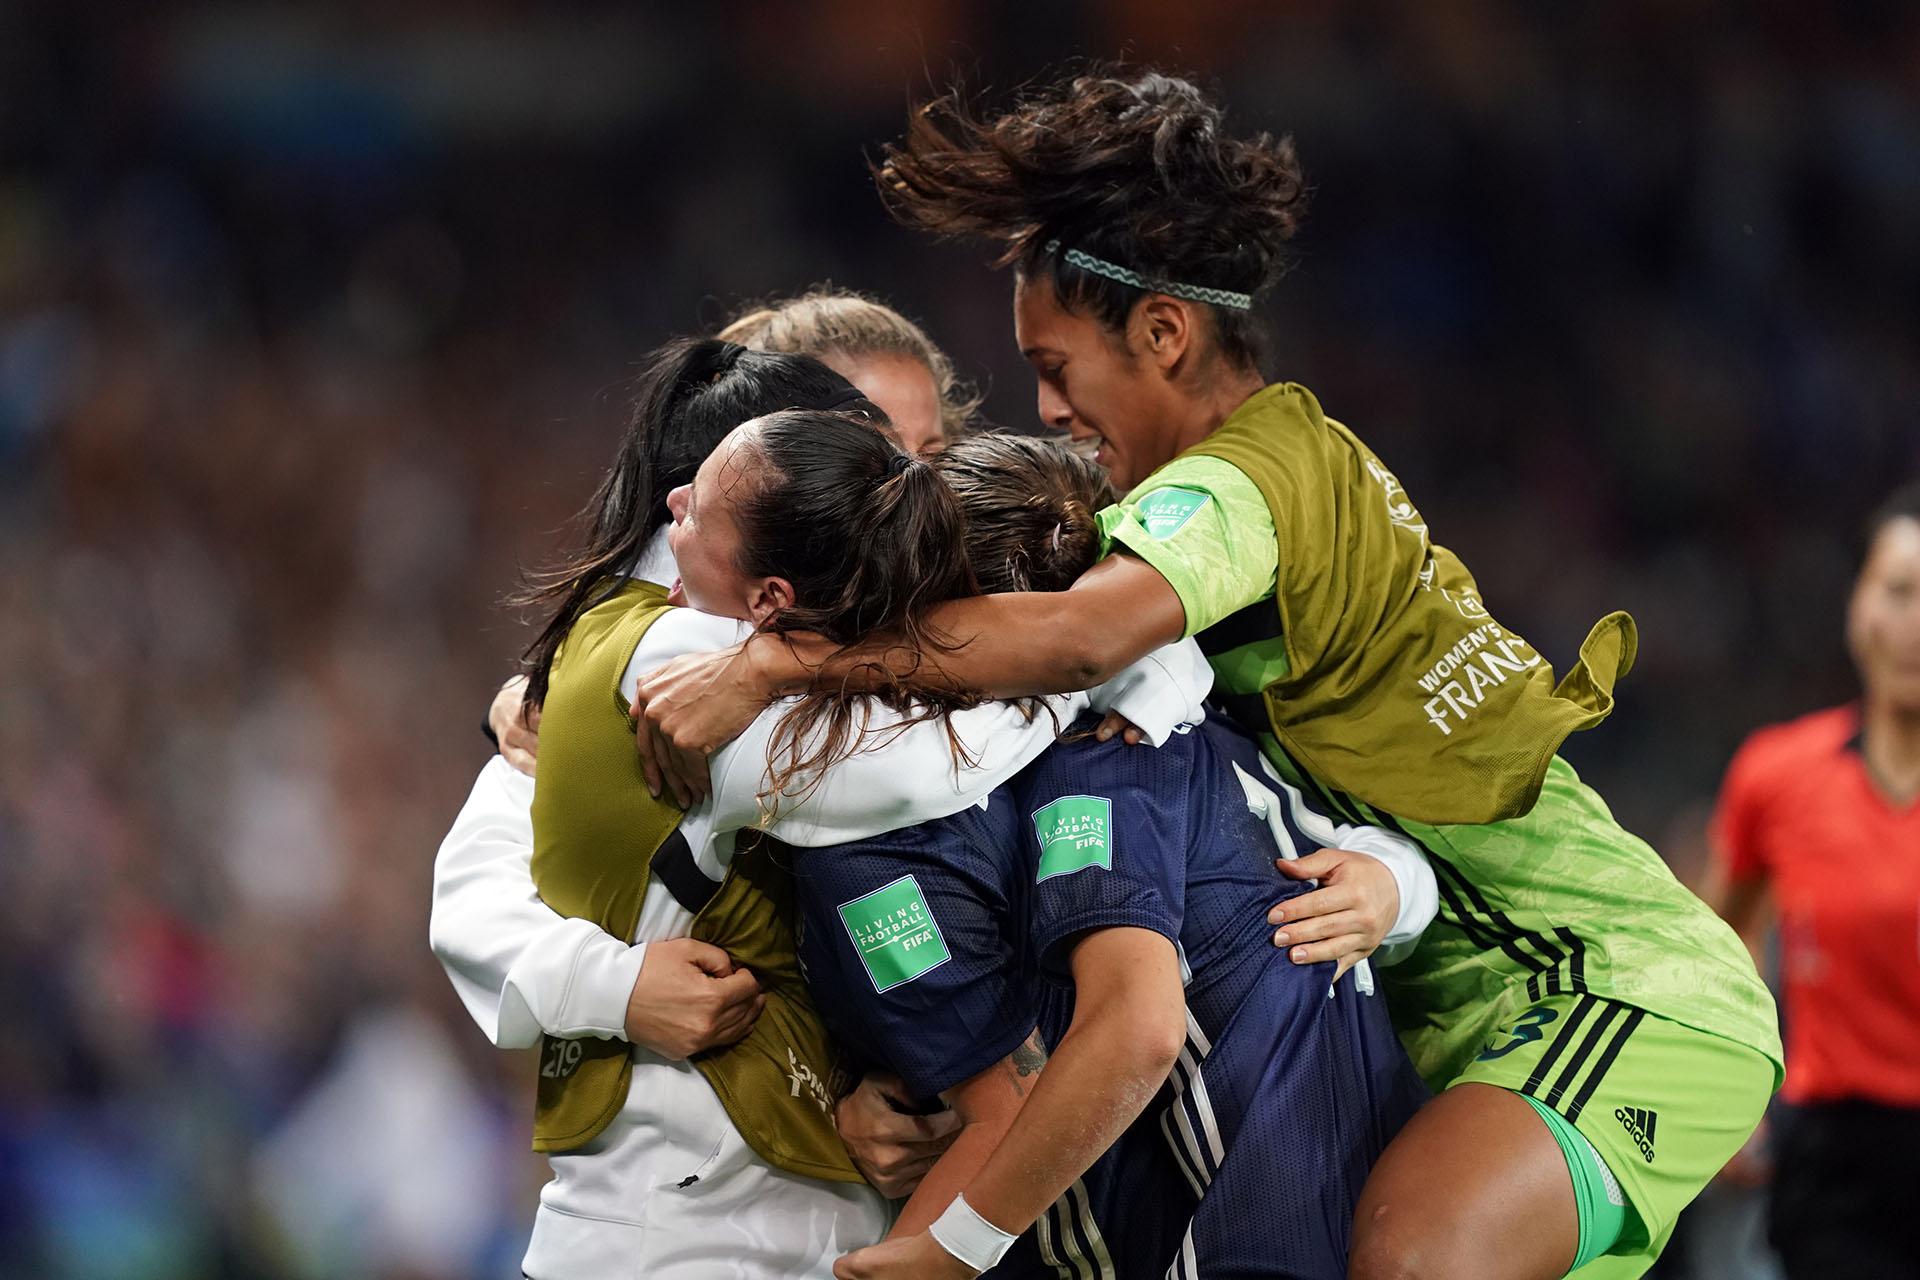 La jugadores argentinas se fundieron en un abrazo para celebrar el histórico resultado